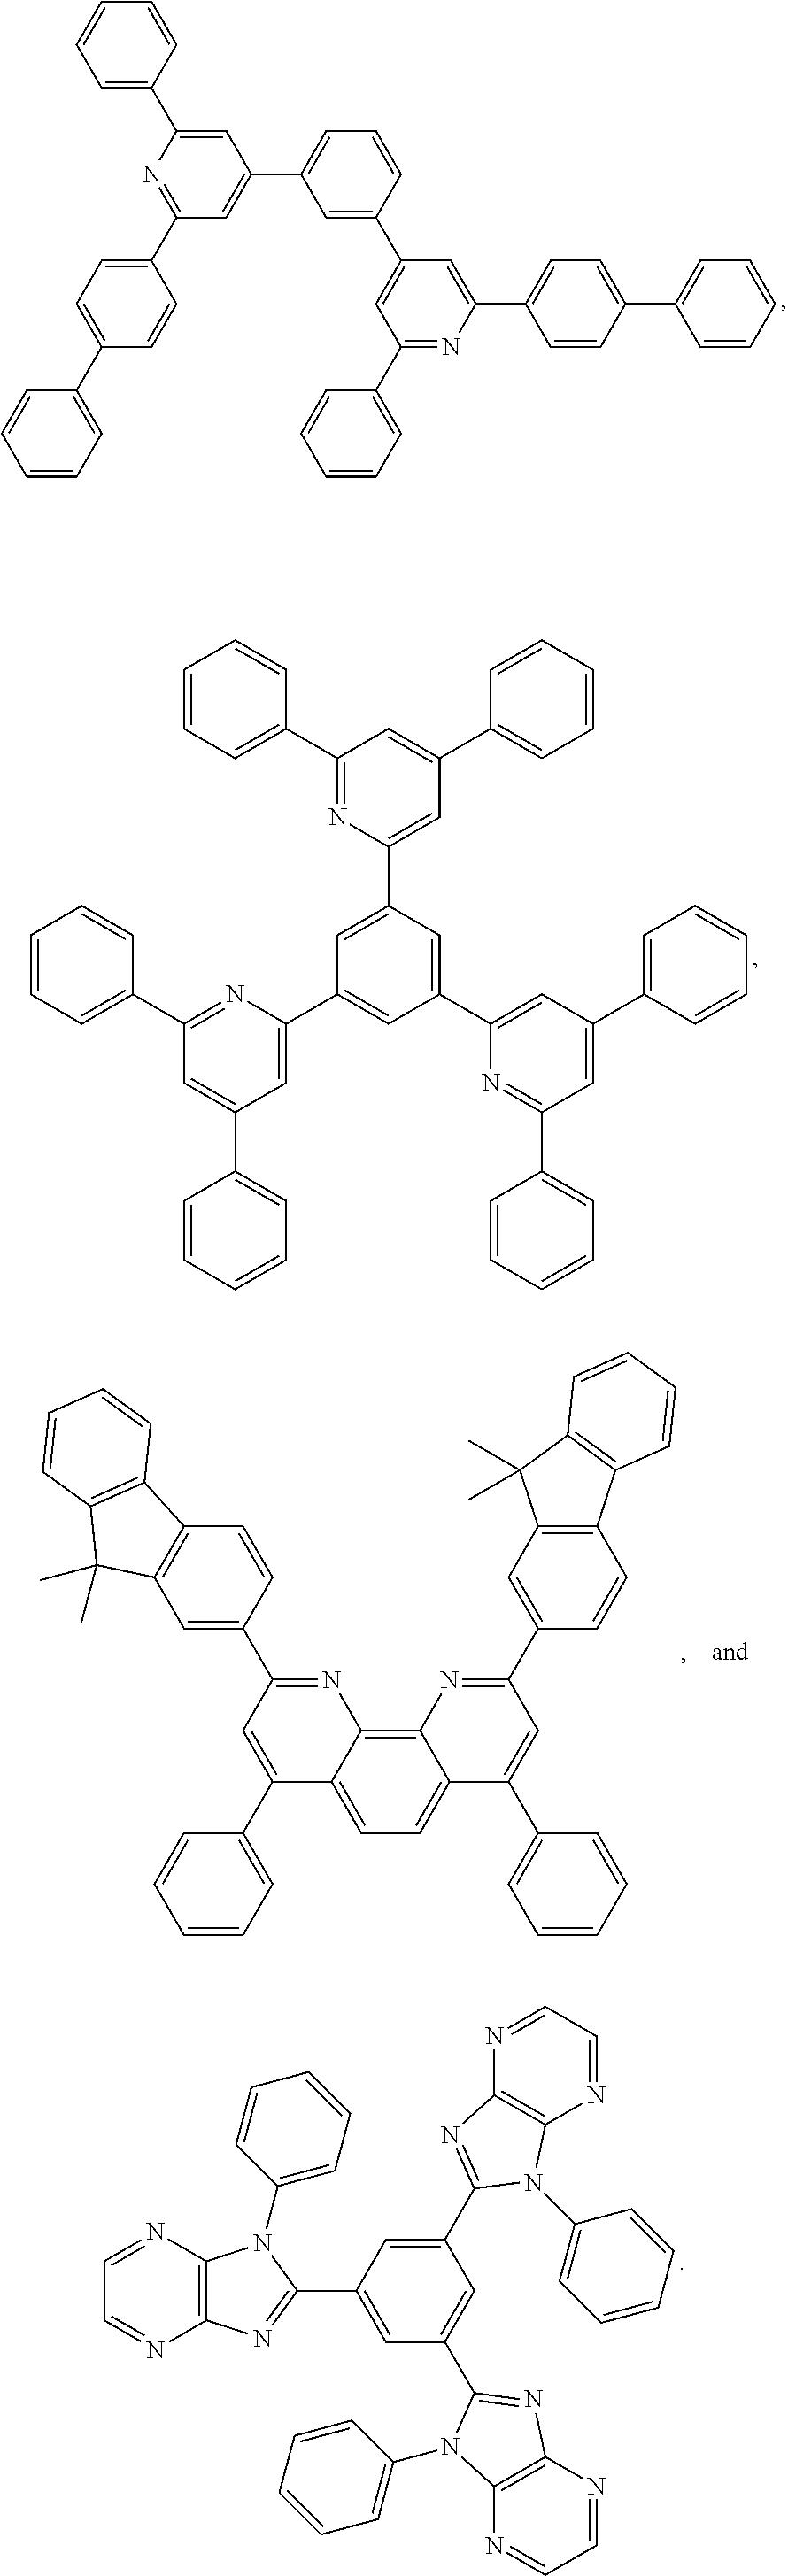 Figure US09978956-20180522-C00104